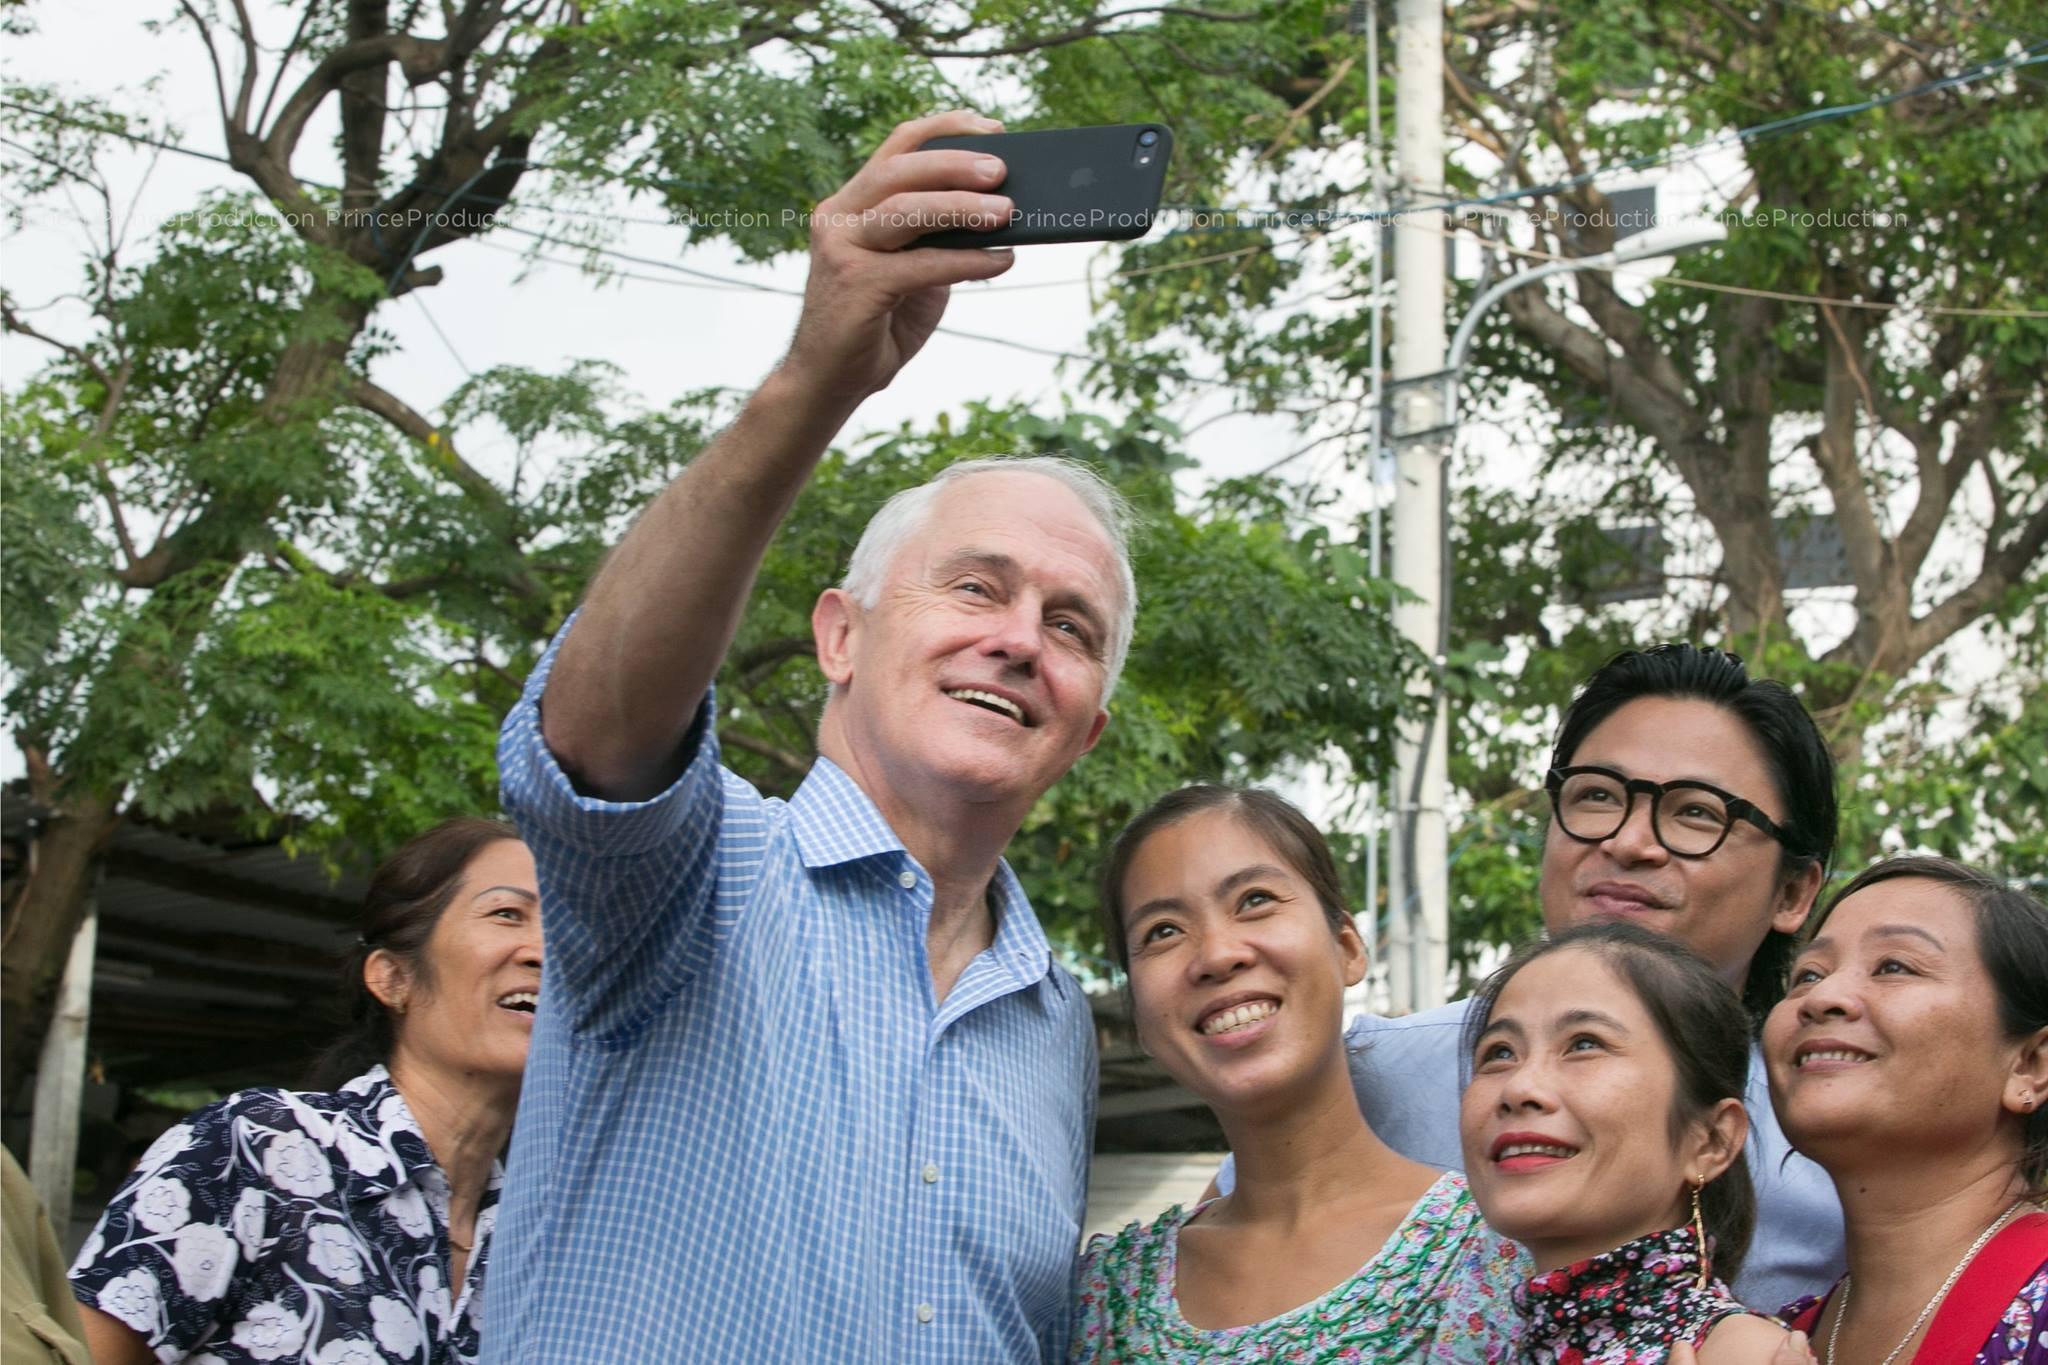 Xã hội - Thủ tướng Úc ăn bánh mì vỉa hè tại Đà Nẵng (Hình 6).